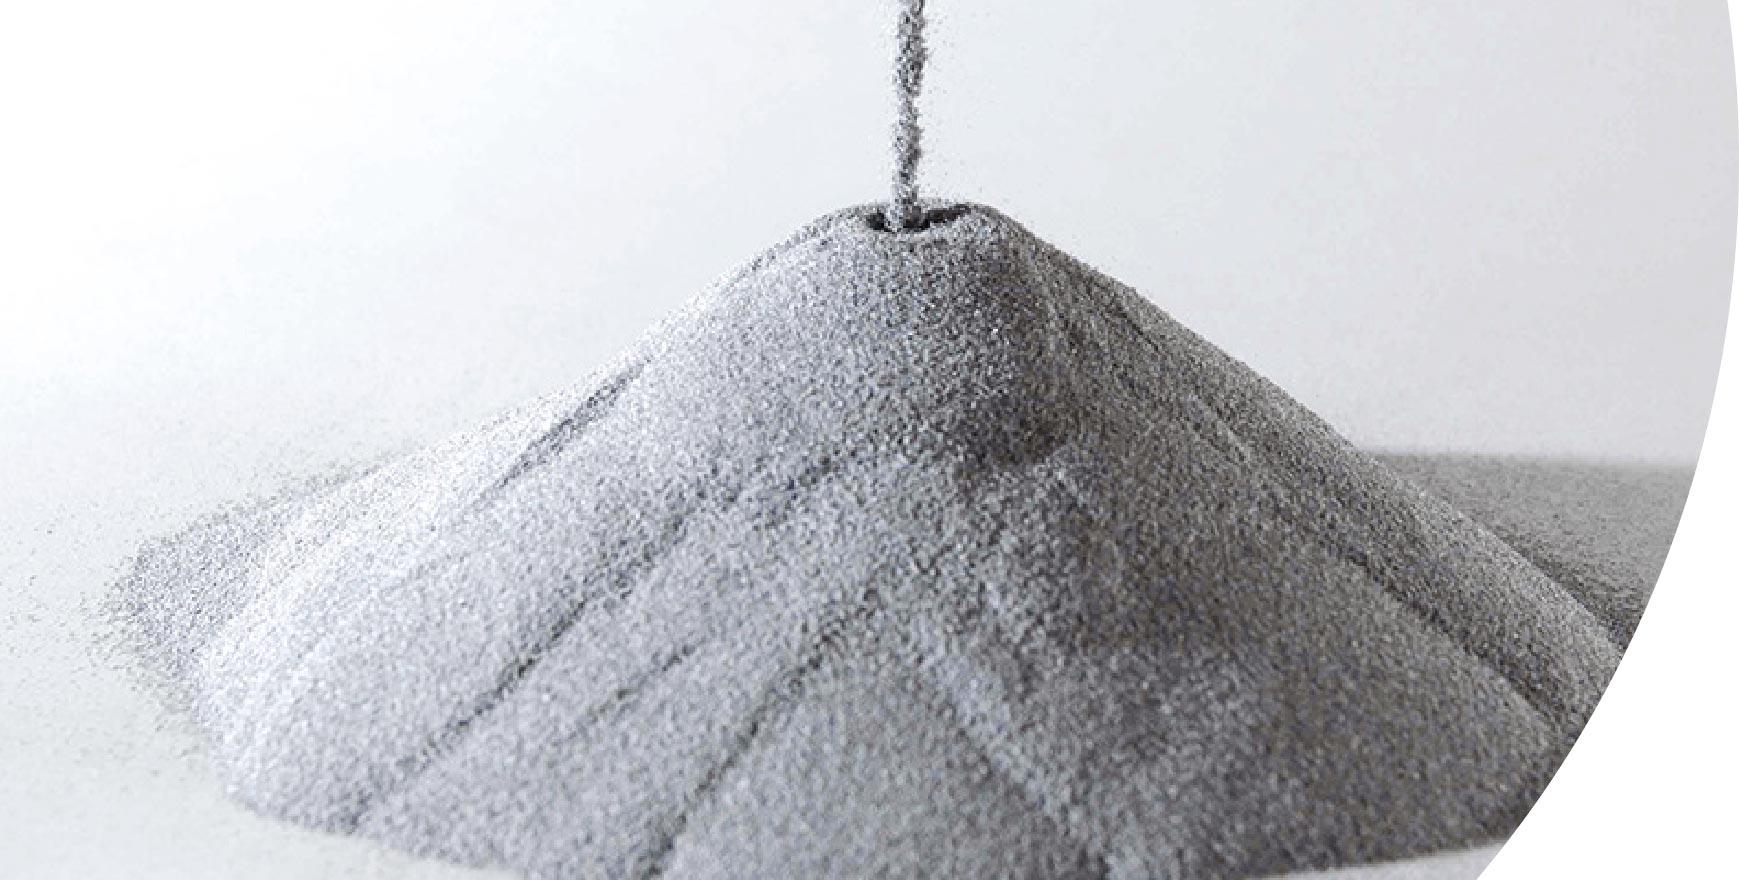 ストラタシス、3Dプリンター用メタルパウダー製造のLPWテクノロジーへ出資